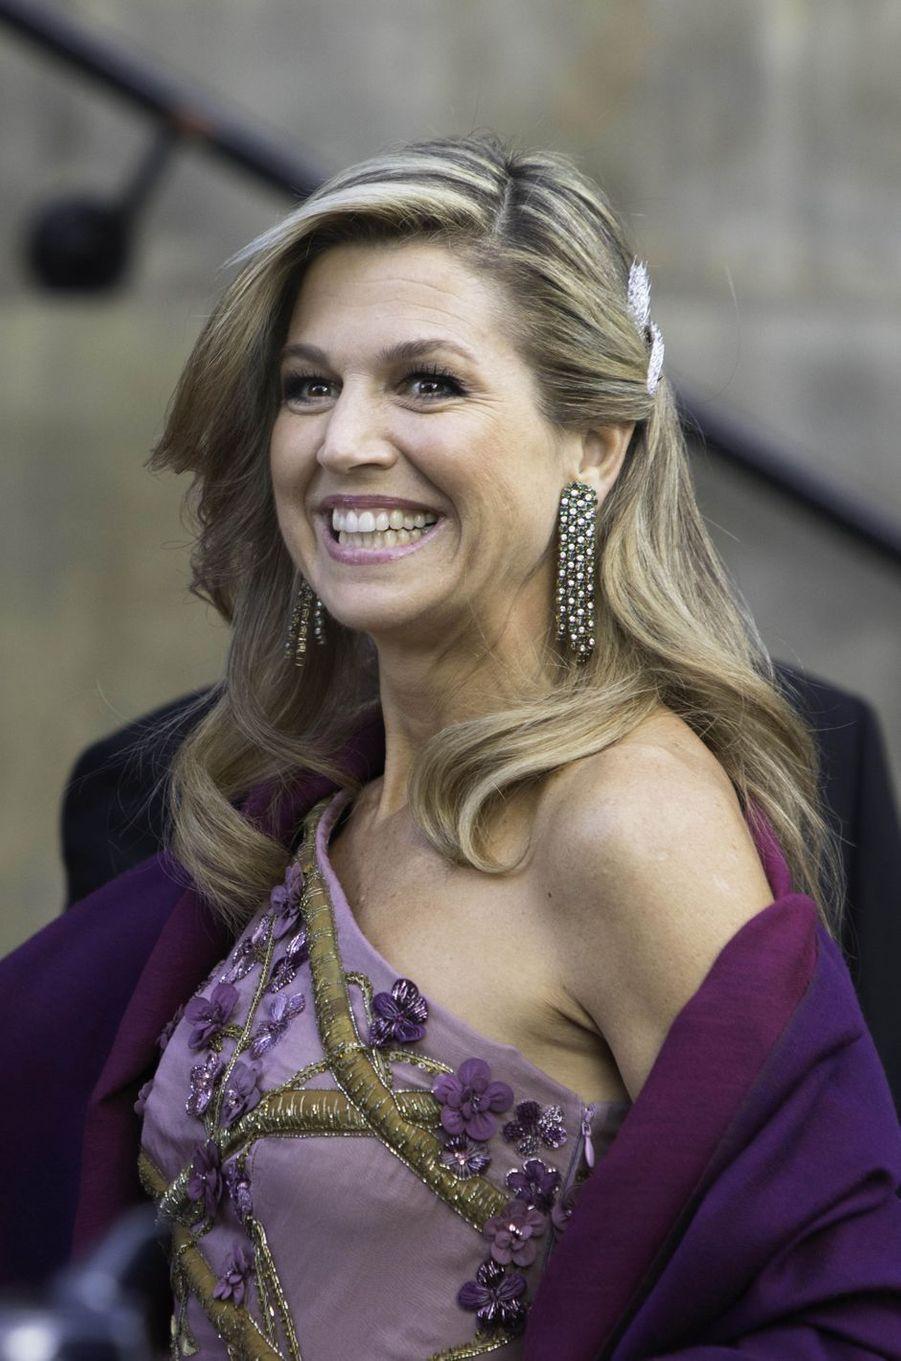 La reine Maxima des Pays-Bas à Amsterdam, le 28 avril 2017